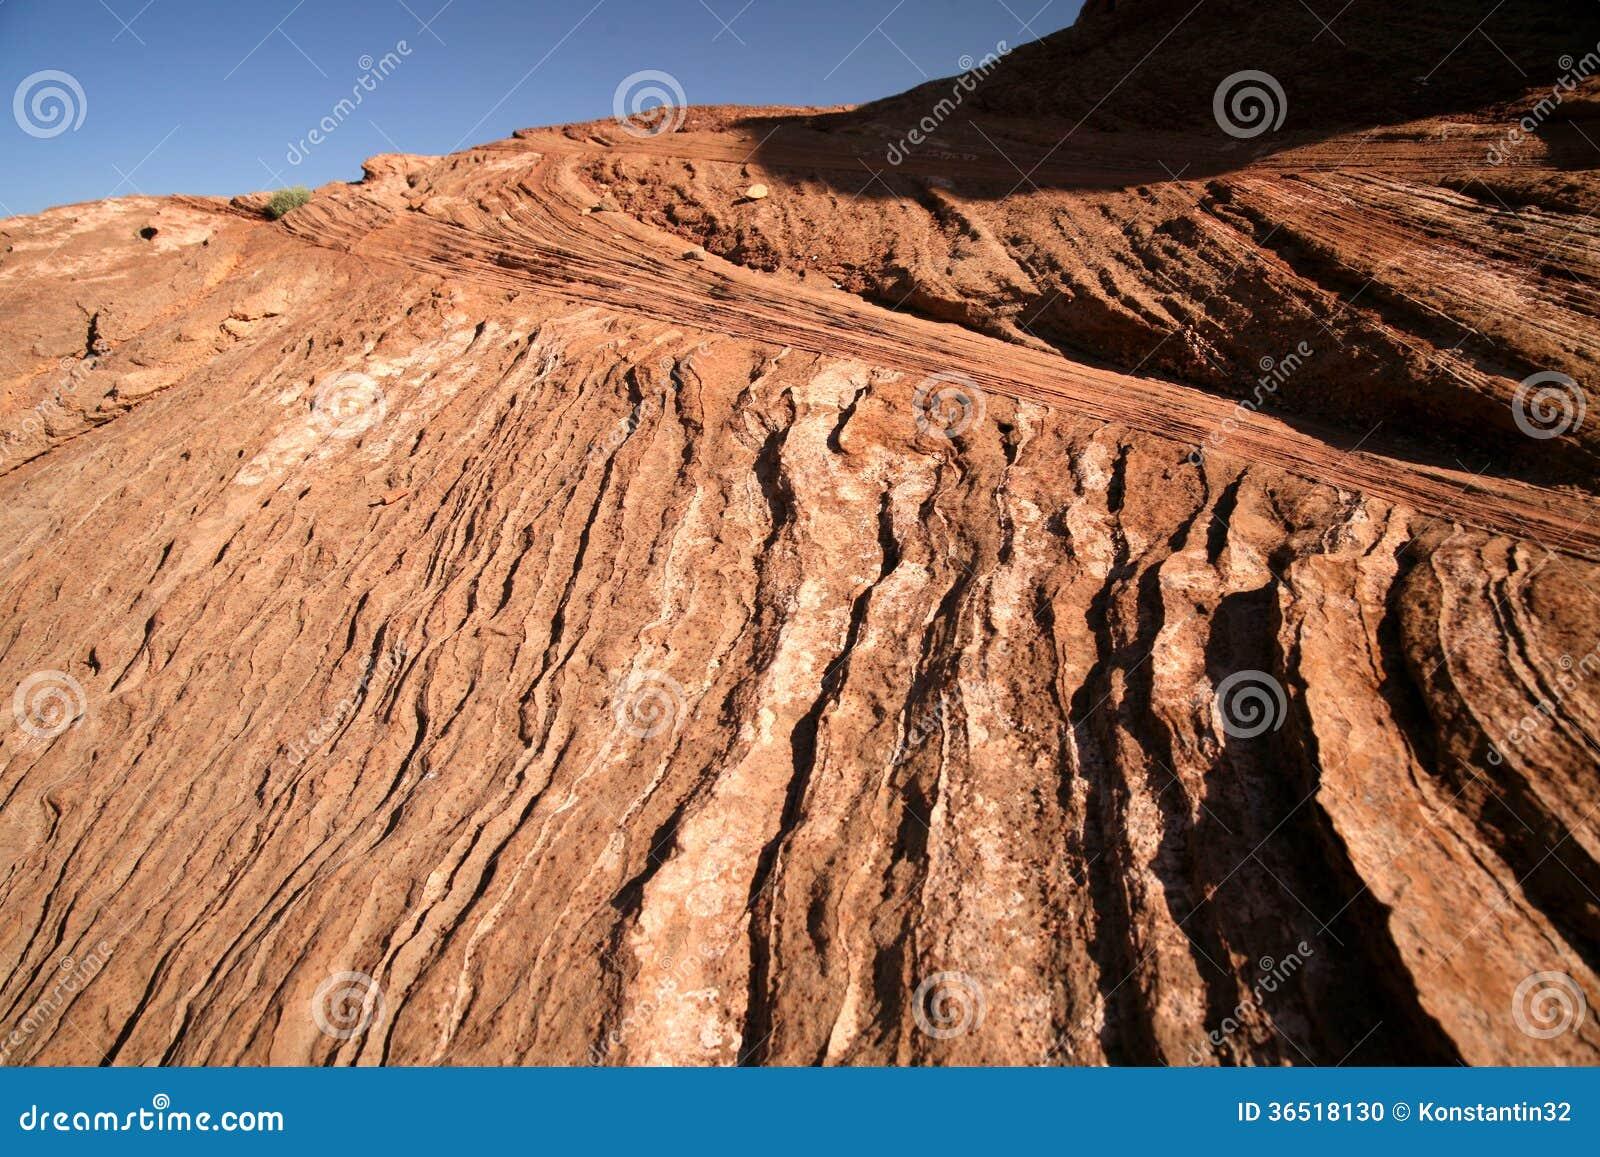 Formation de roche à la courbure en fer à cheval en Utah, Etats-Unis